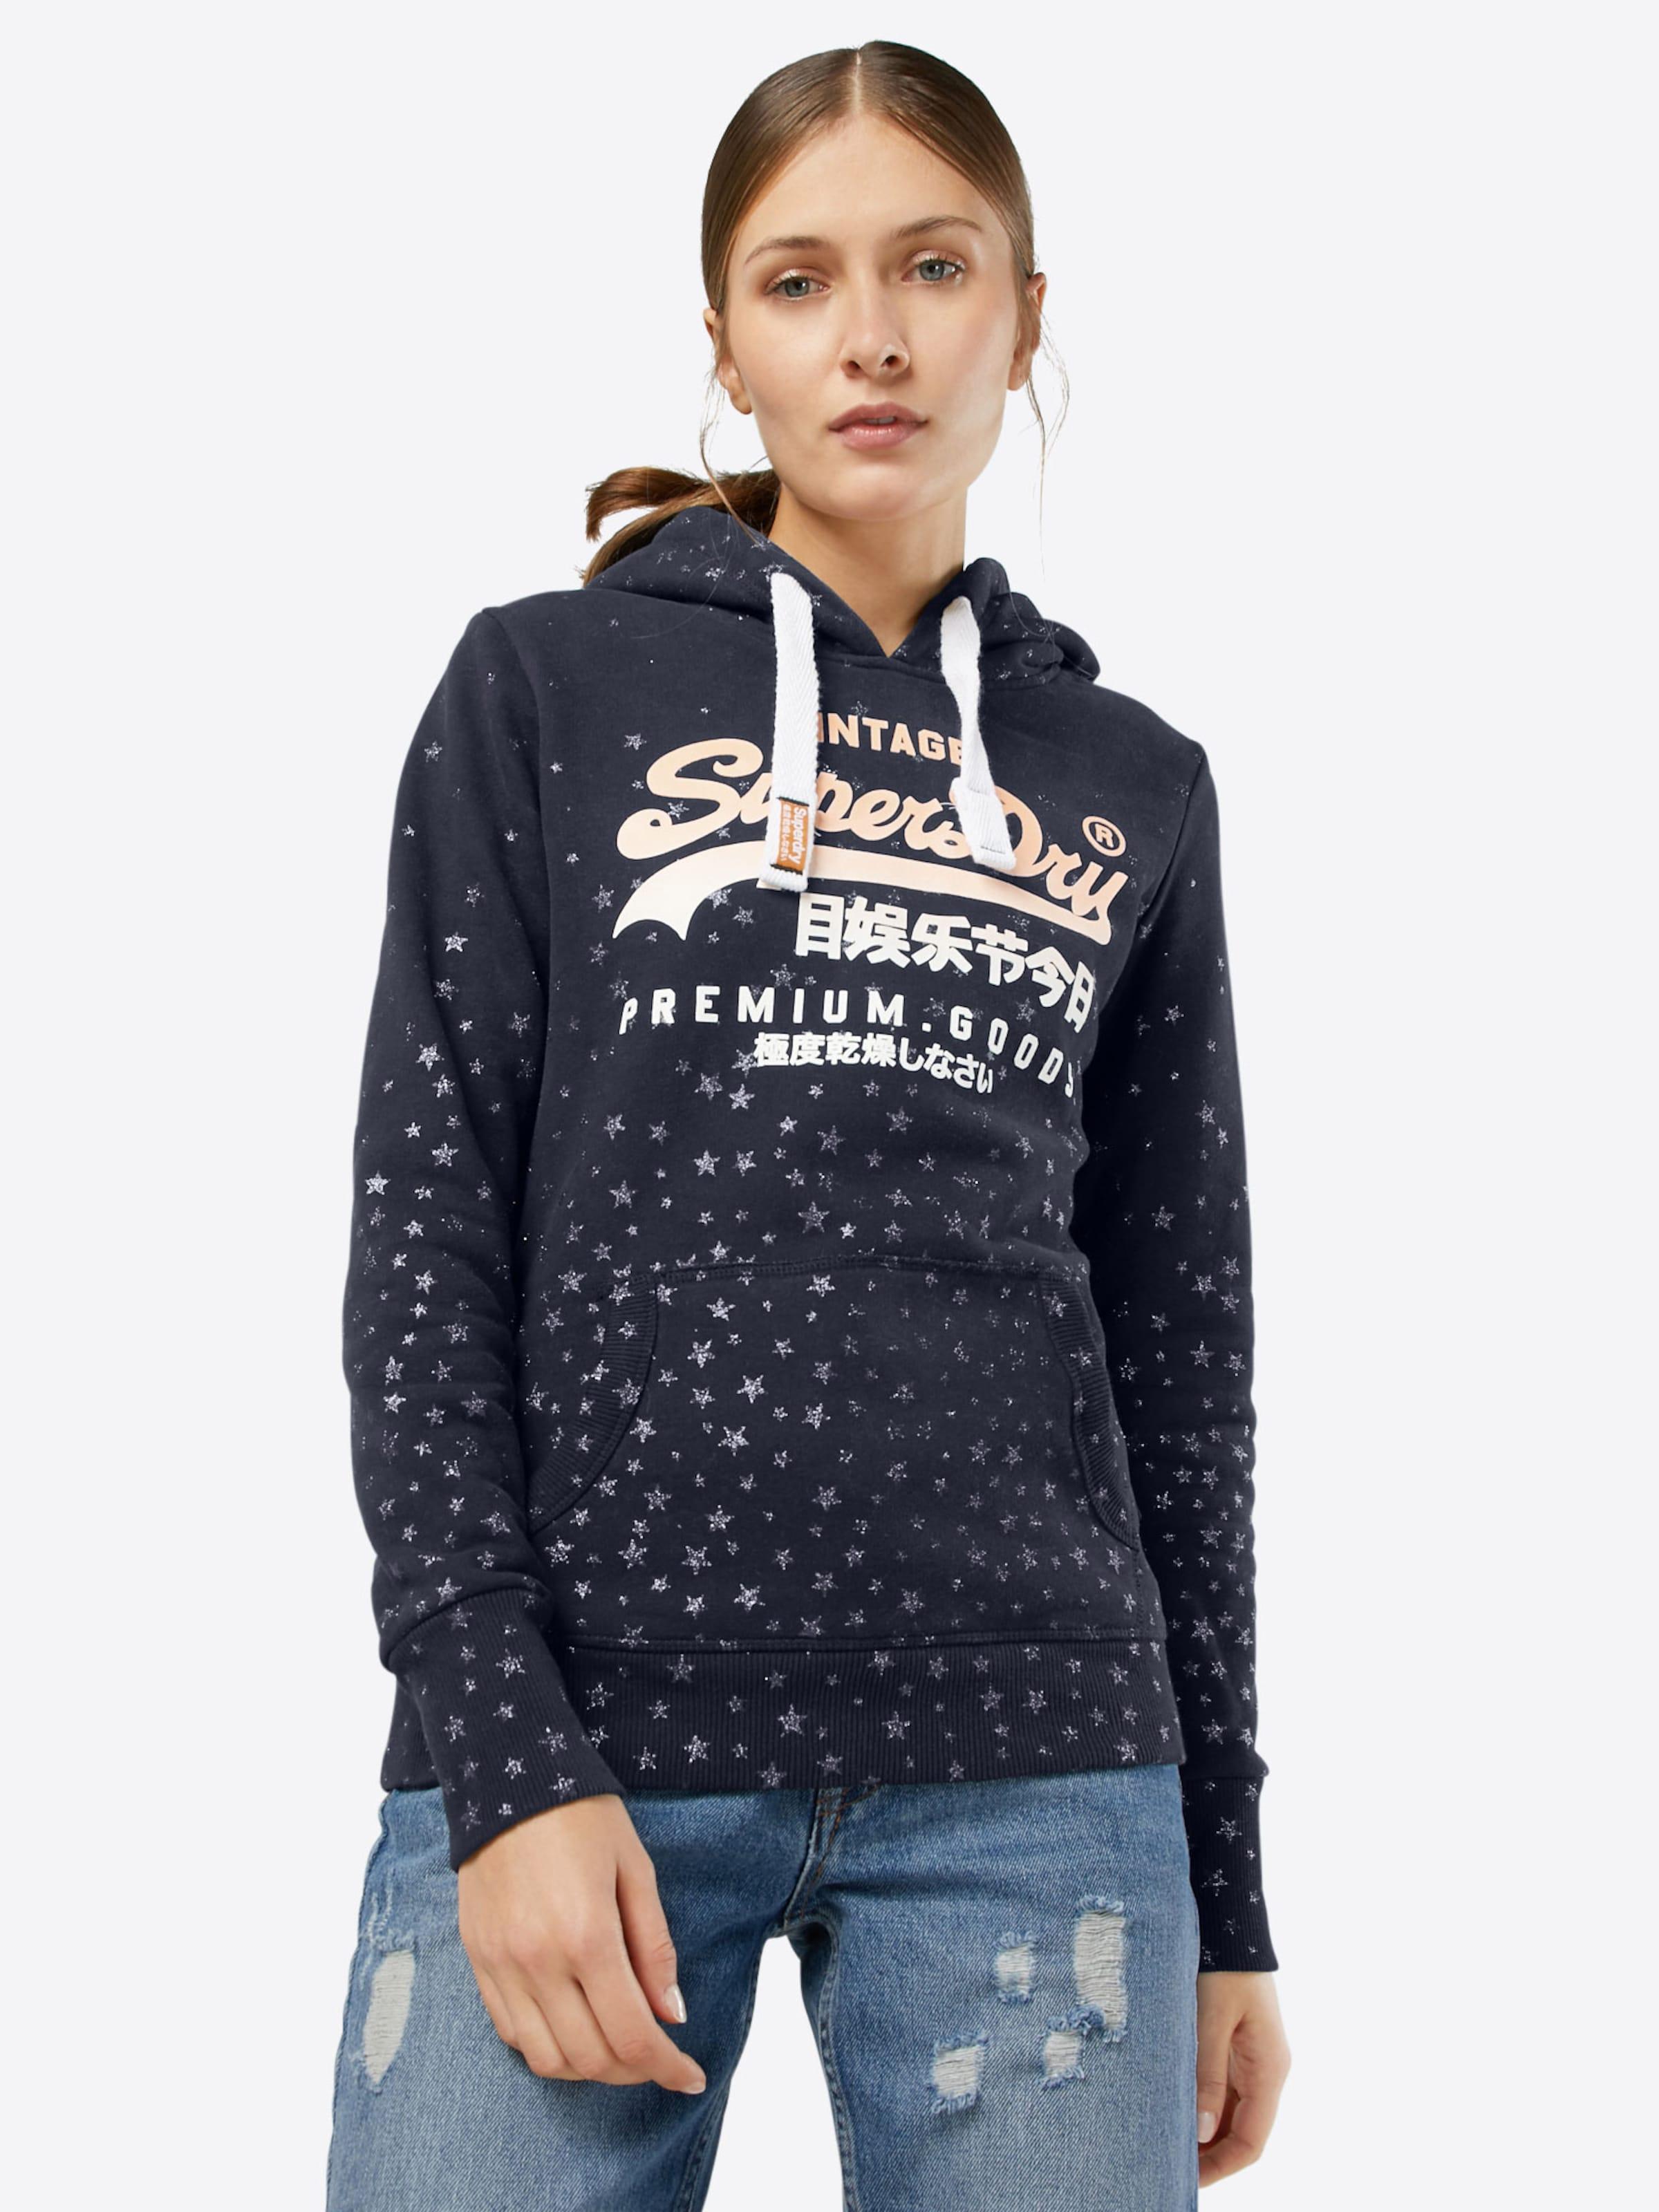 Superdry Sweatshirt 'GOODS' Online Einkaufen 7zu09UB